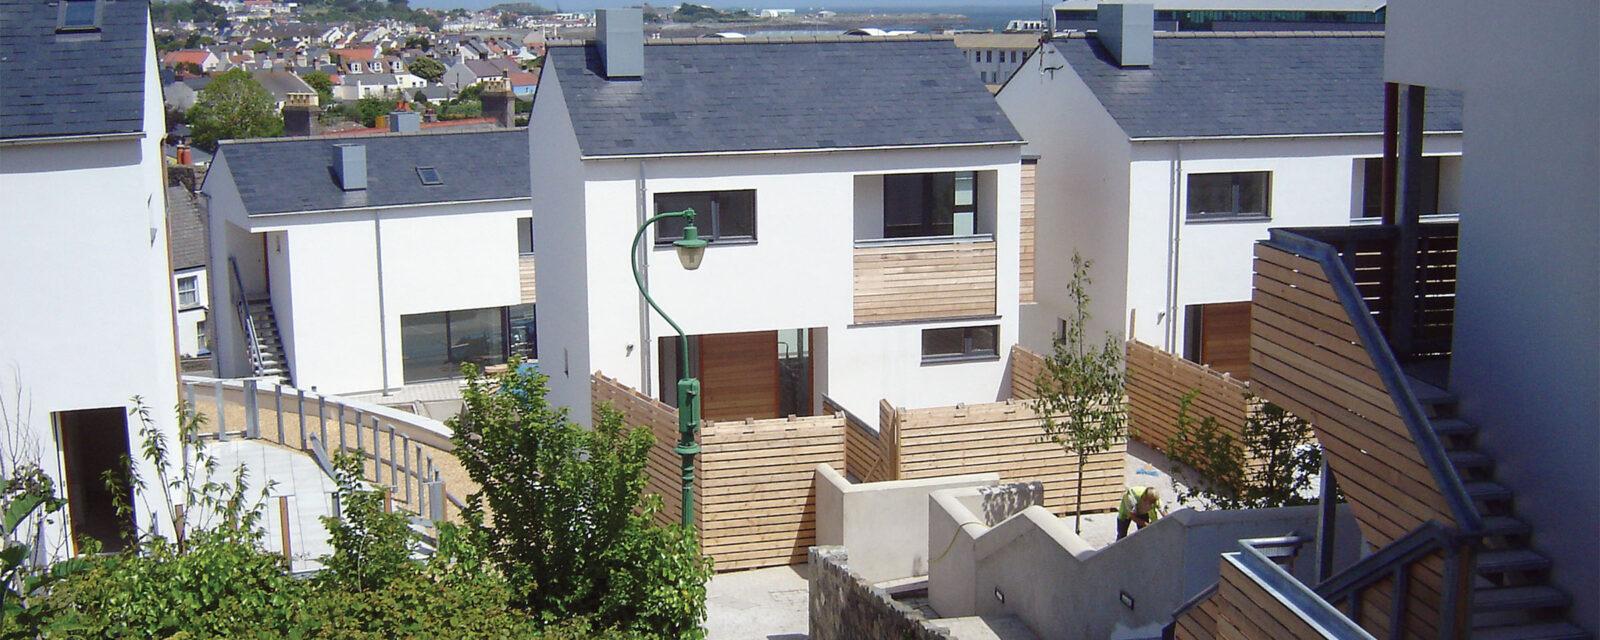 Design Engine Roseville Housing